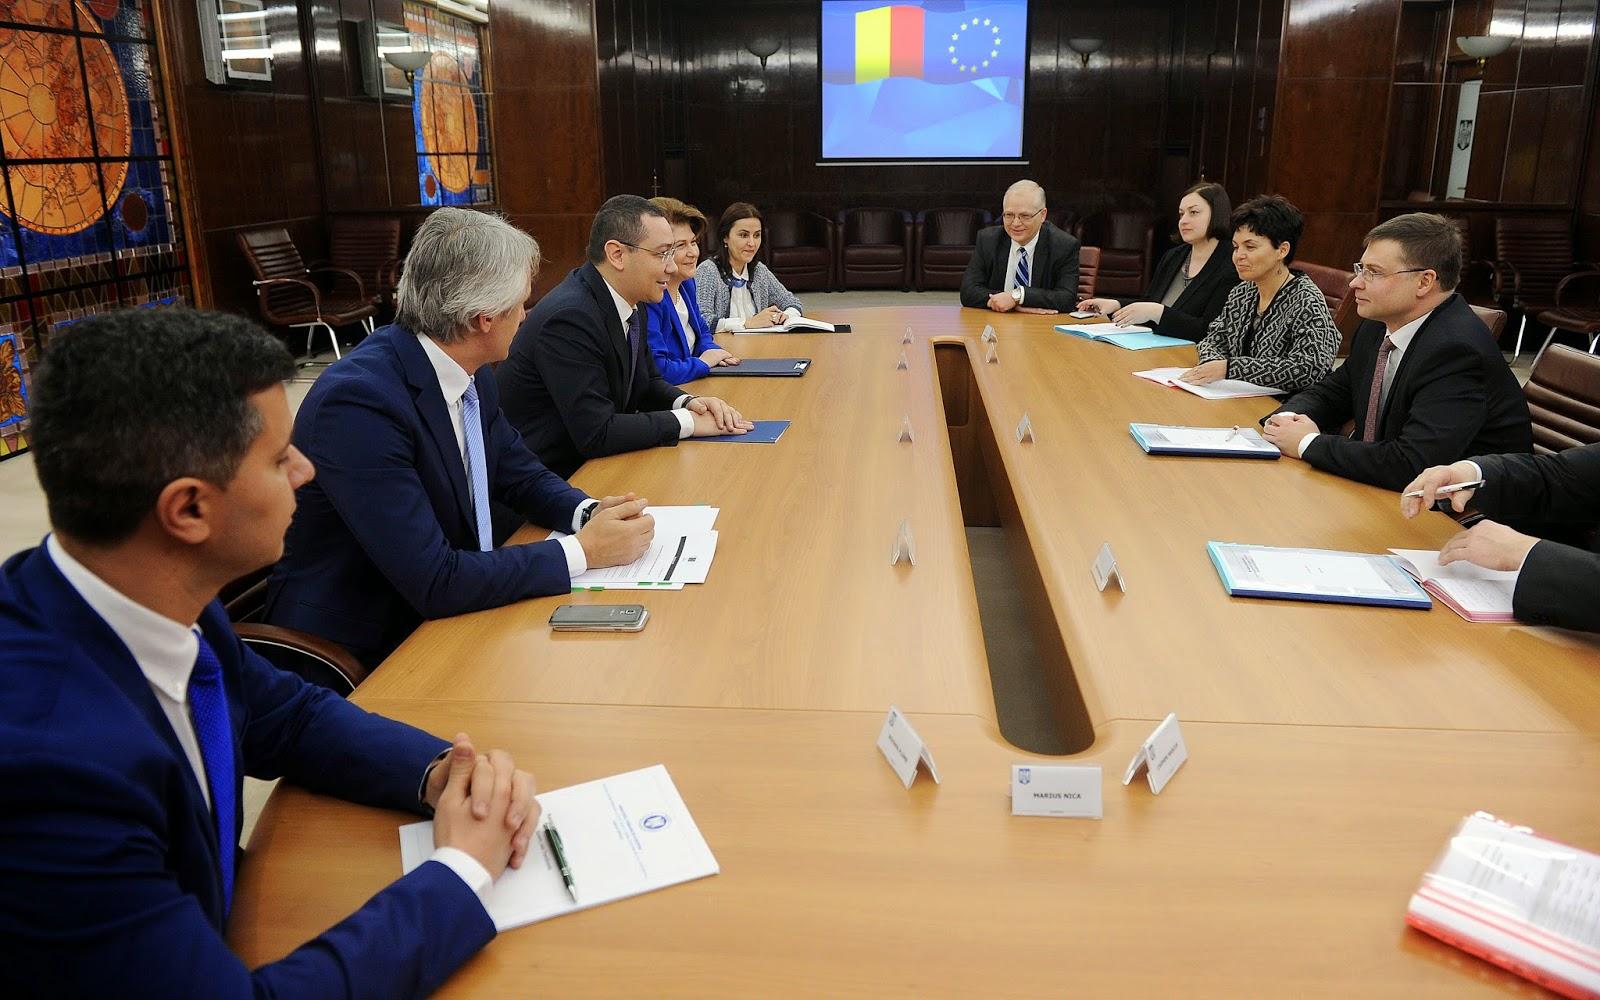 áfacsökkentés, adócsalás, Románia, Európai Bizottság, gazdaság, román kormány, Victor Ponta, Ponta-kormány, Valdis Dombrovskis